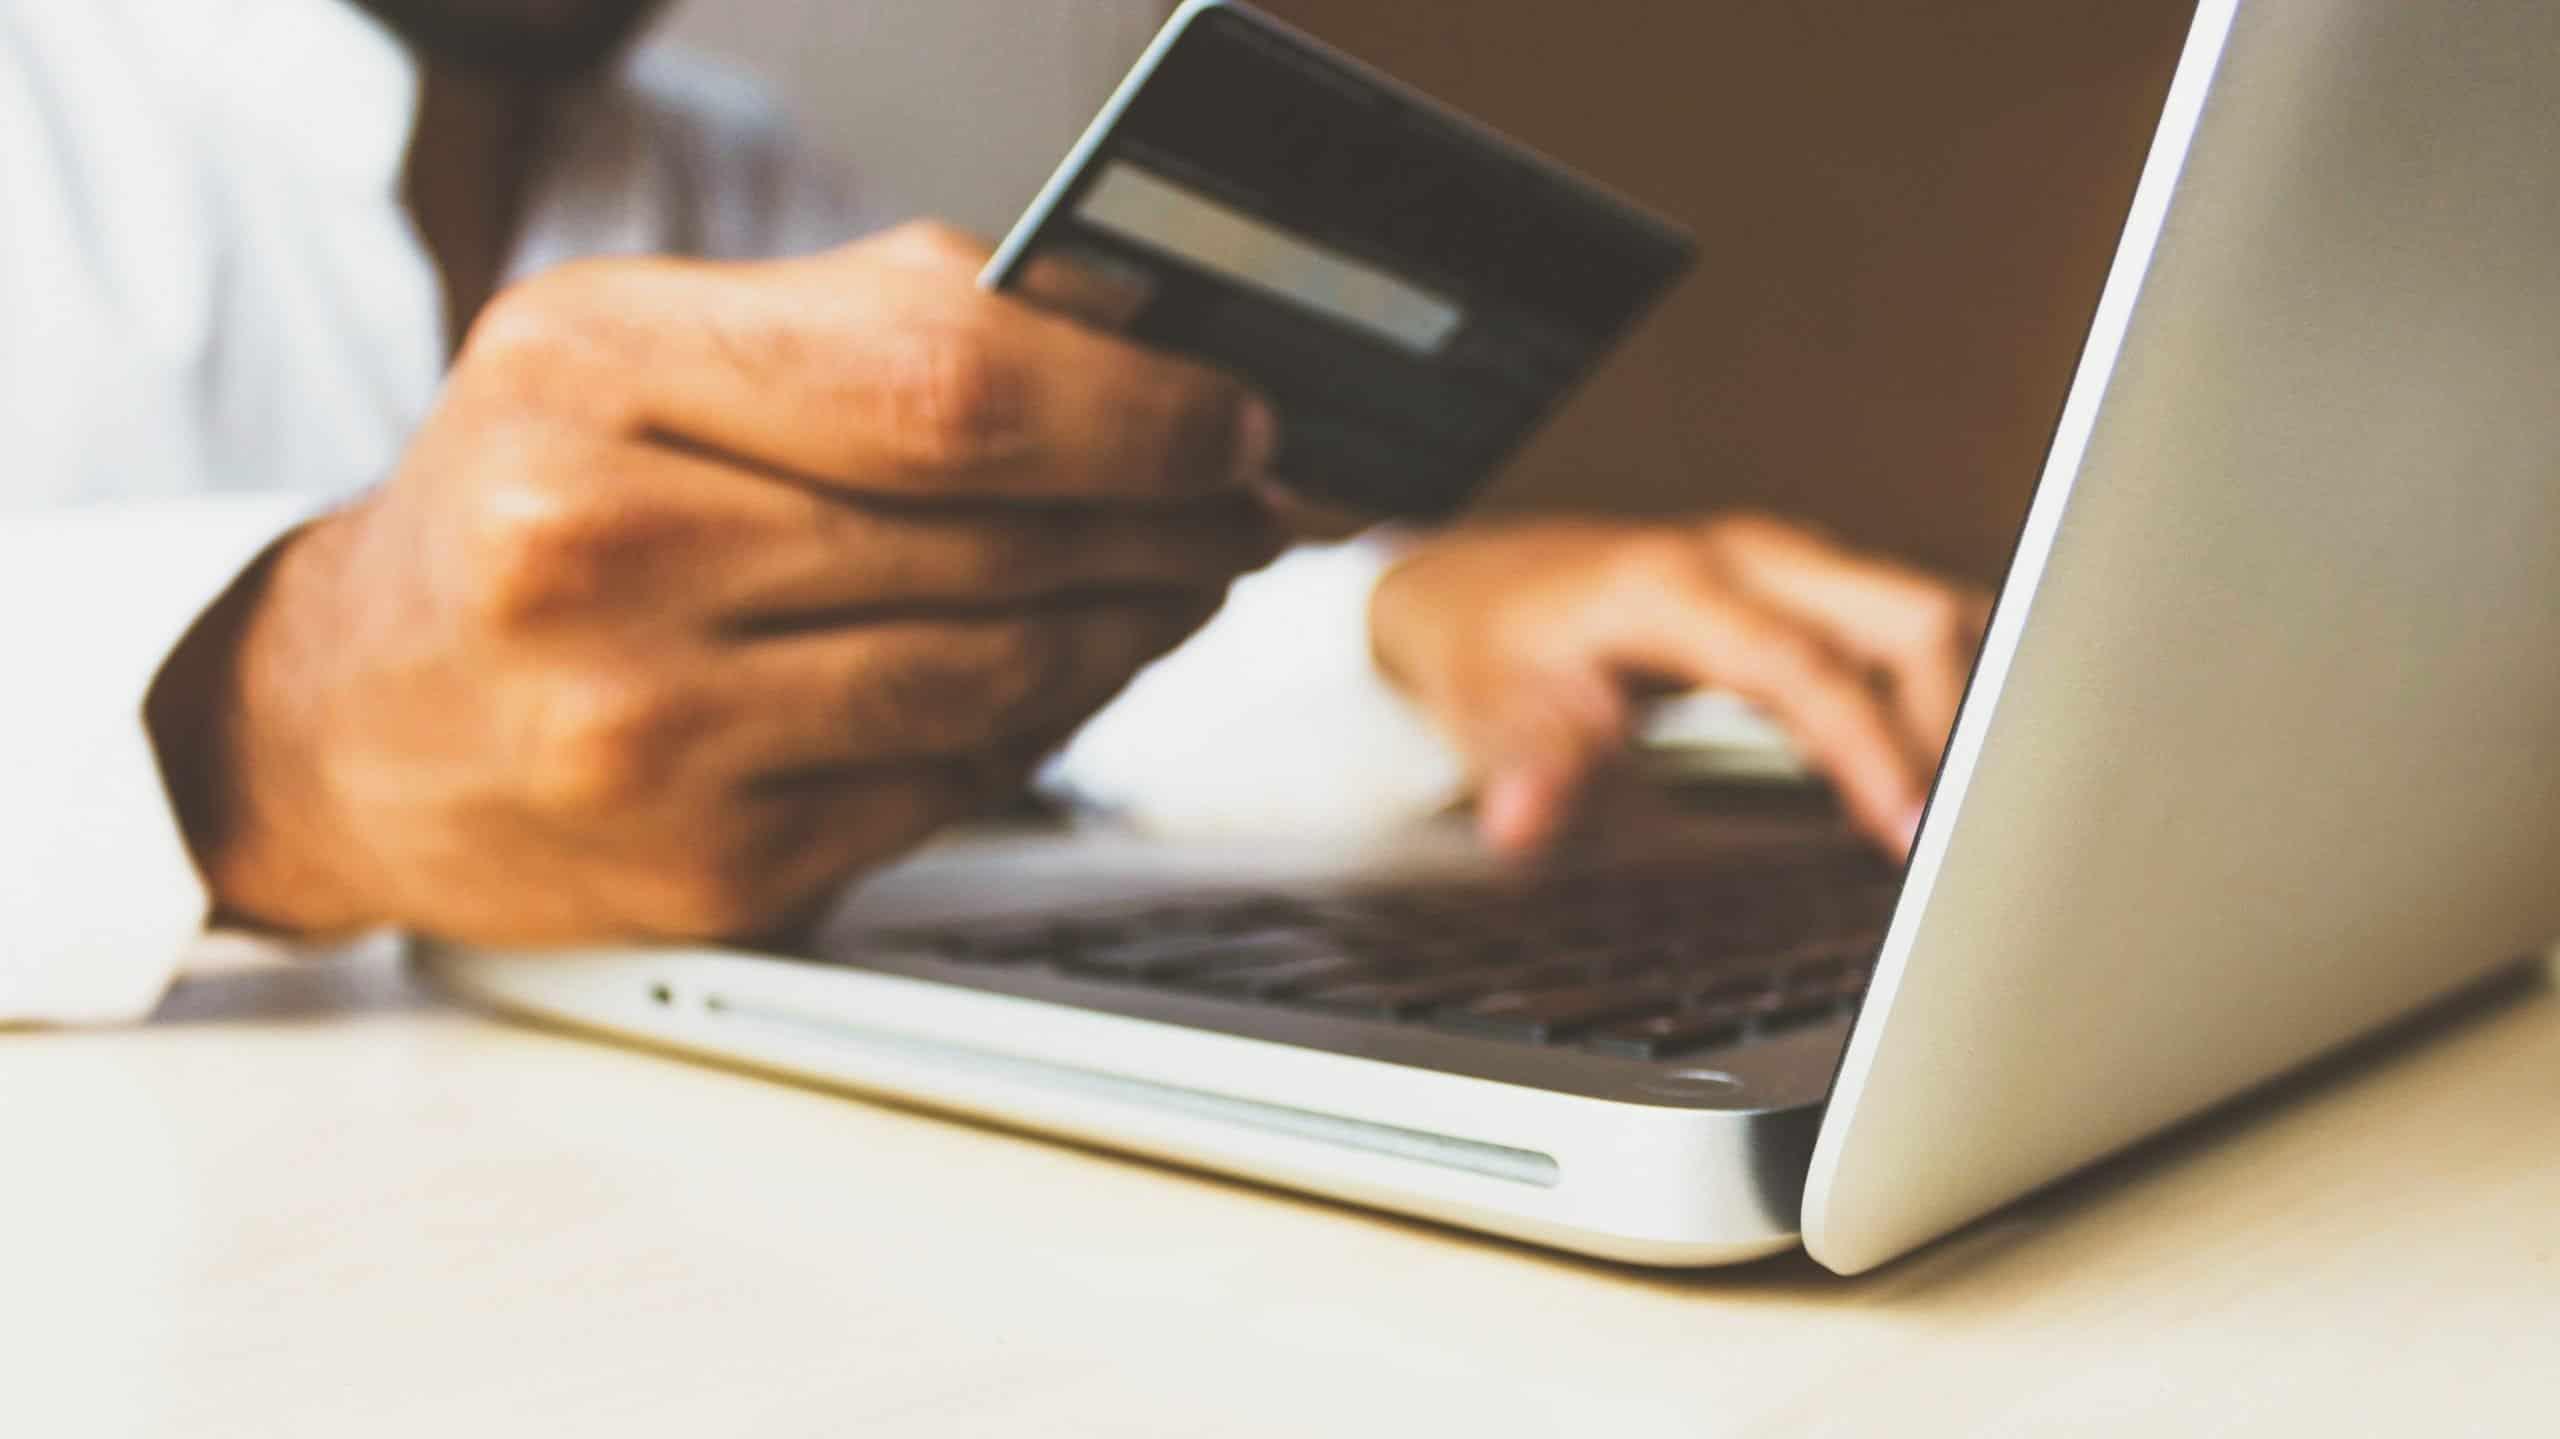 Mand m. kreditkort på pc. Starte webshop. Trin for trin guide. v. renesejling.dk